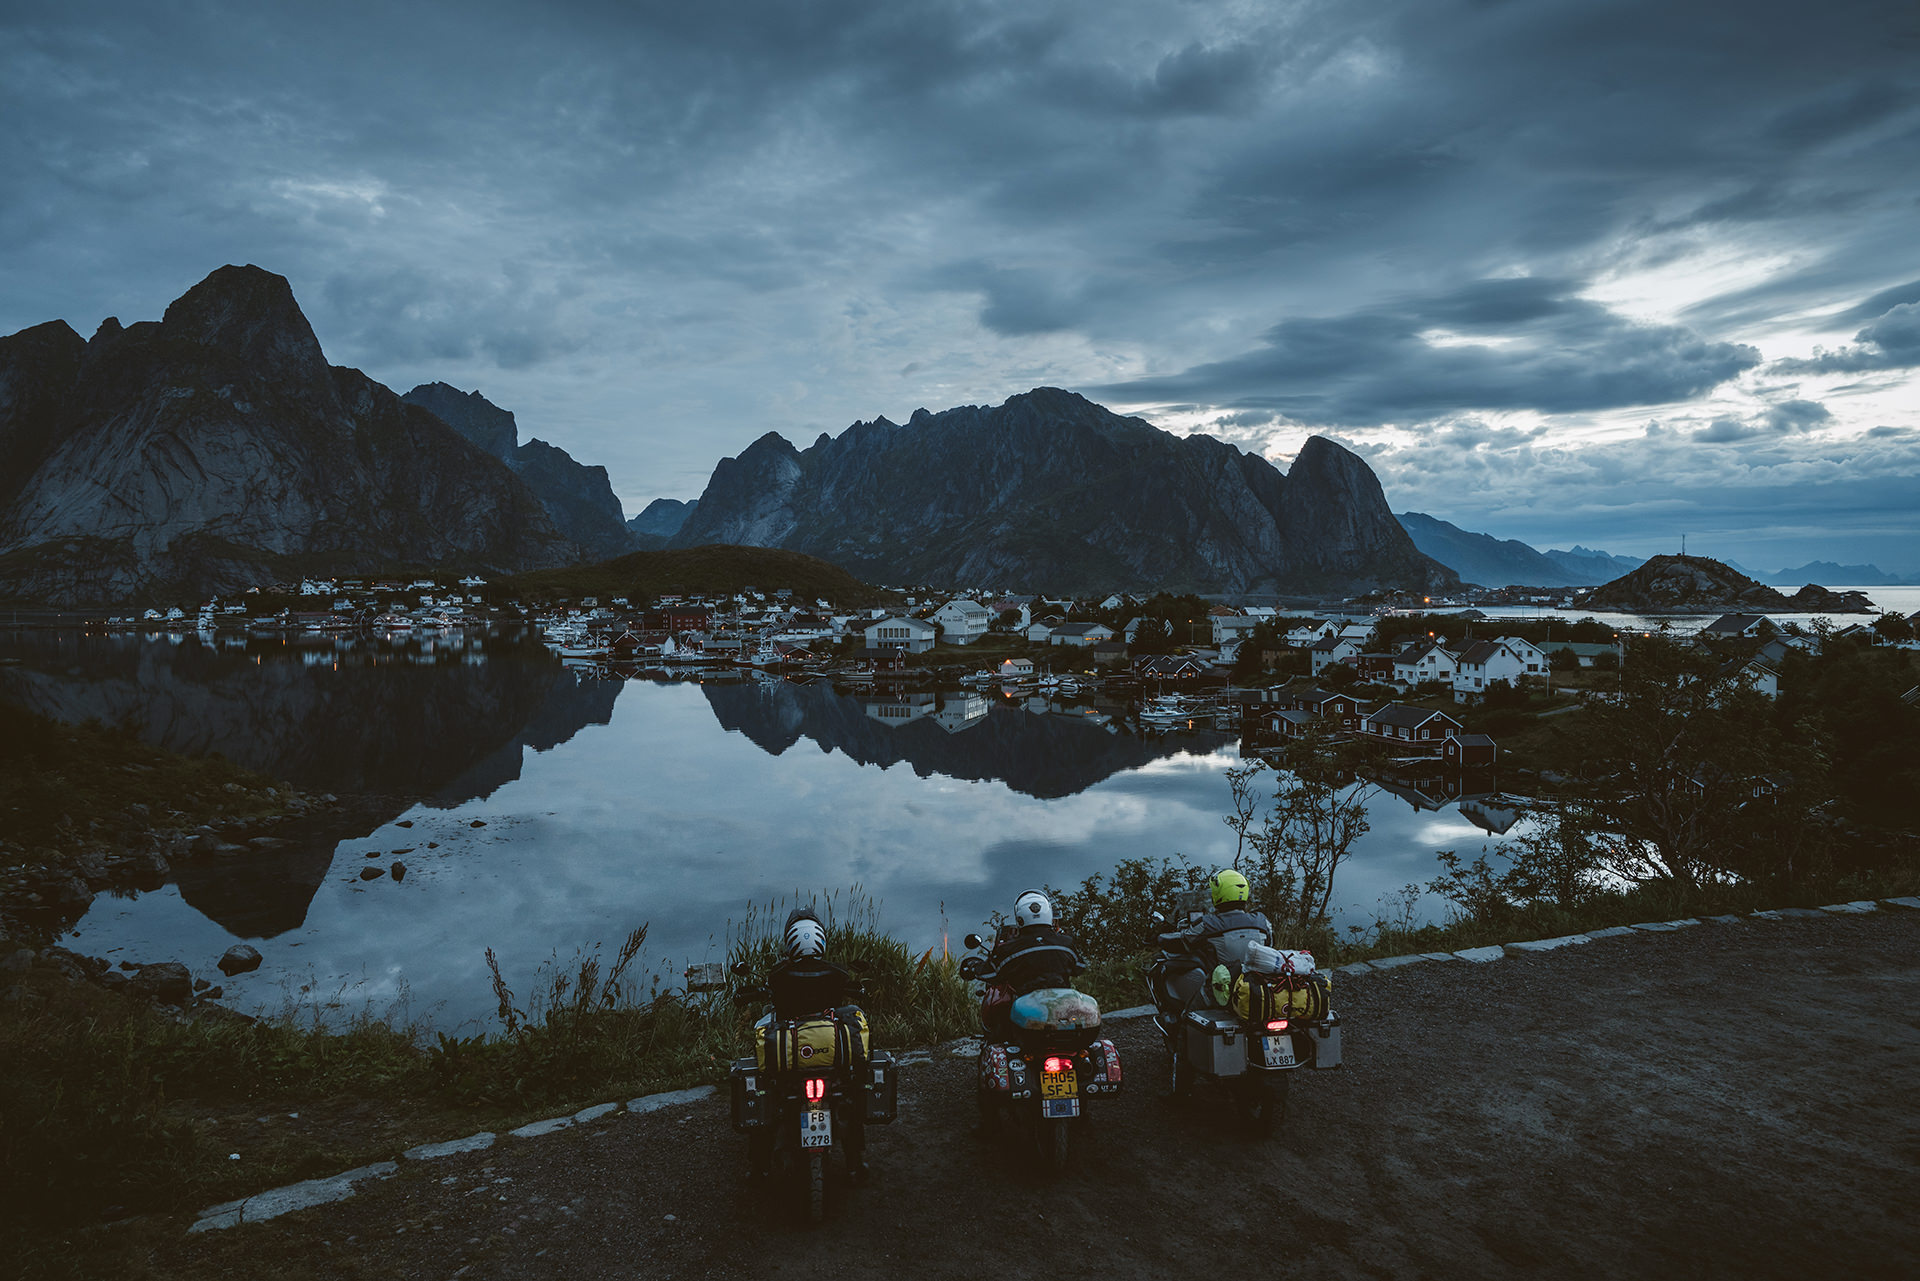 mottorad-tour-aussicht-fjorde-abend